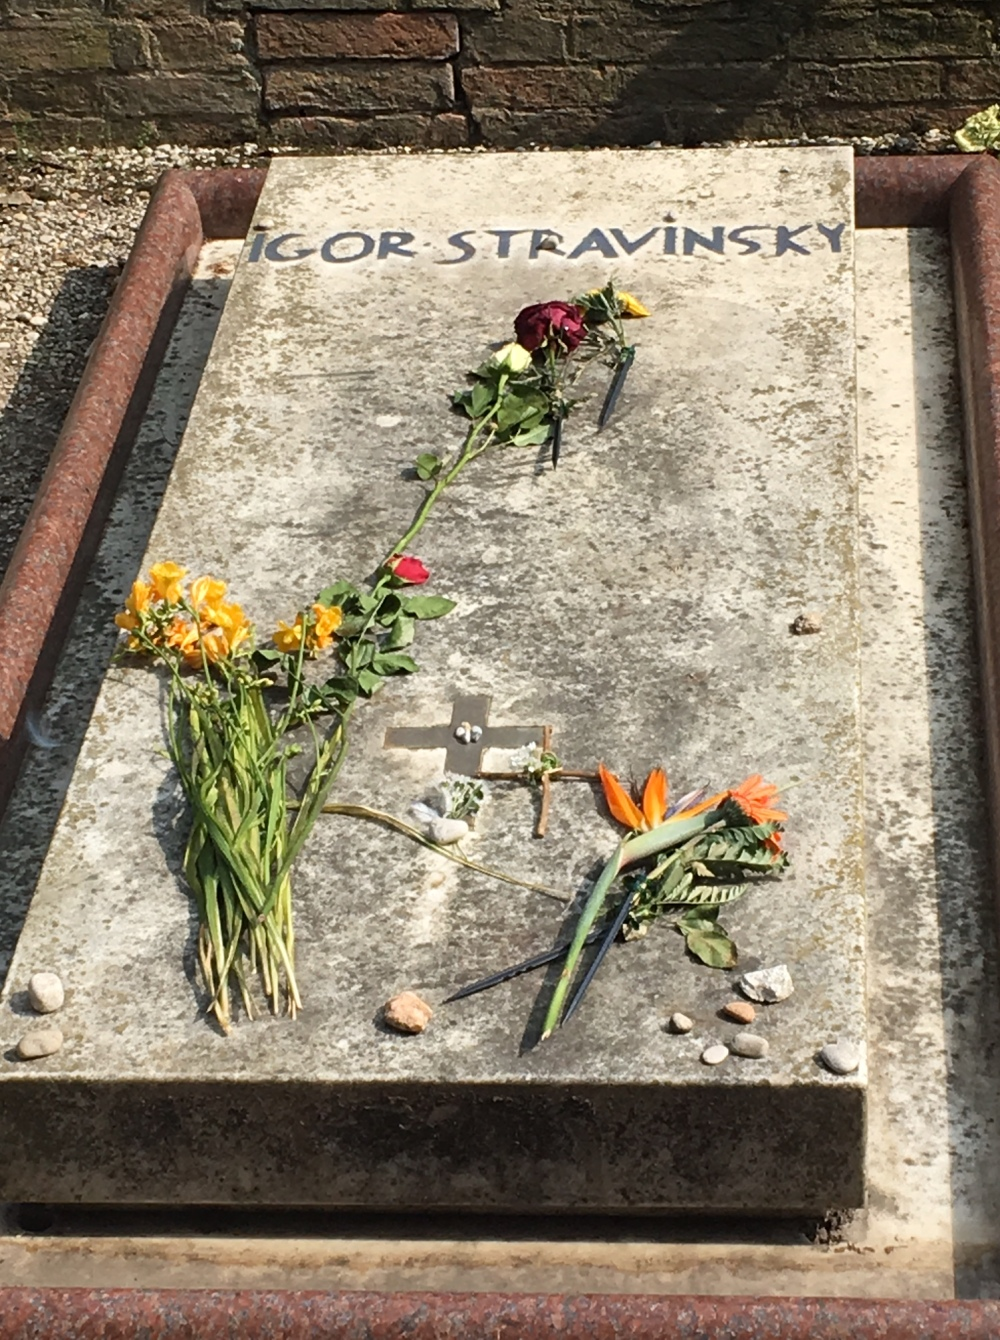 Tombe d'Igor Stravinsky